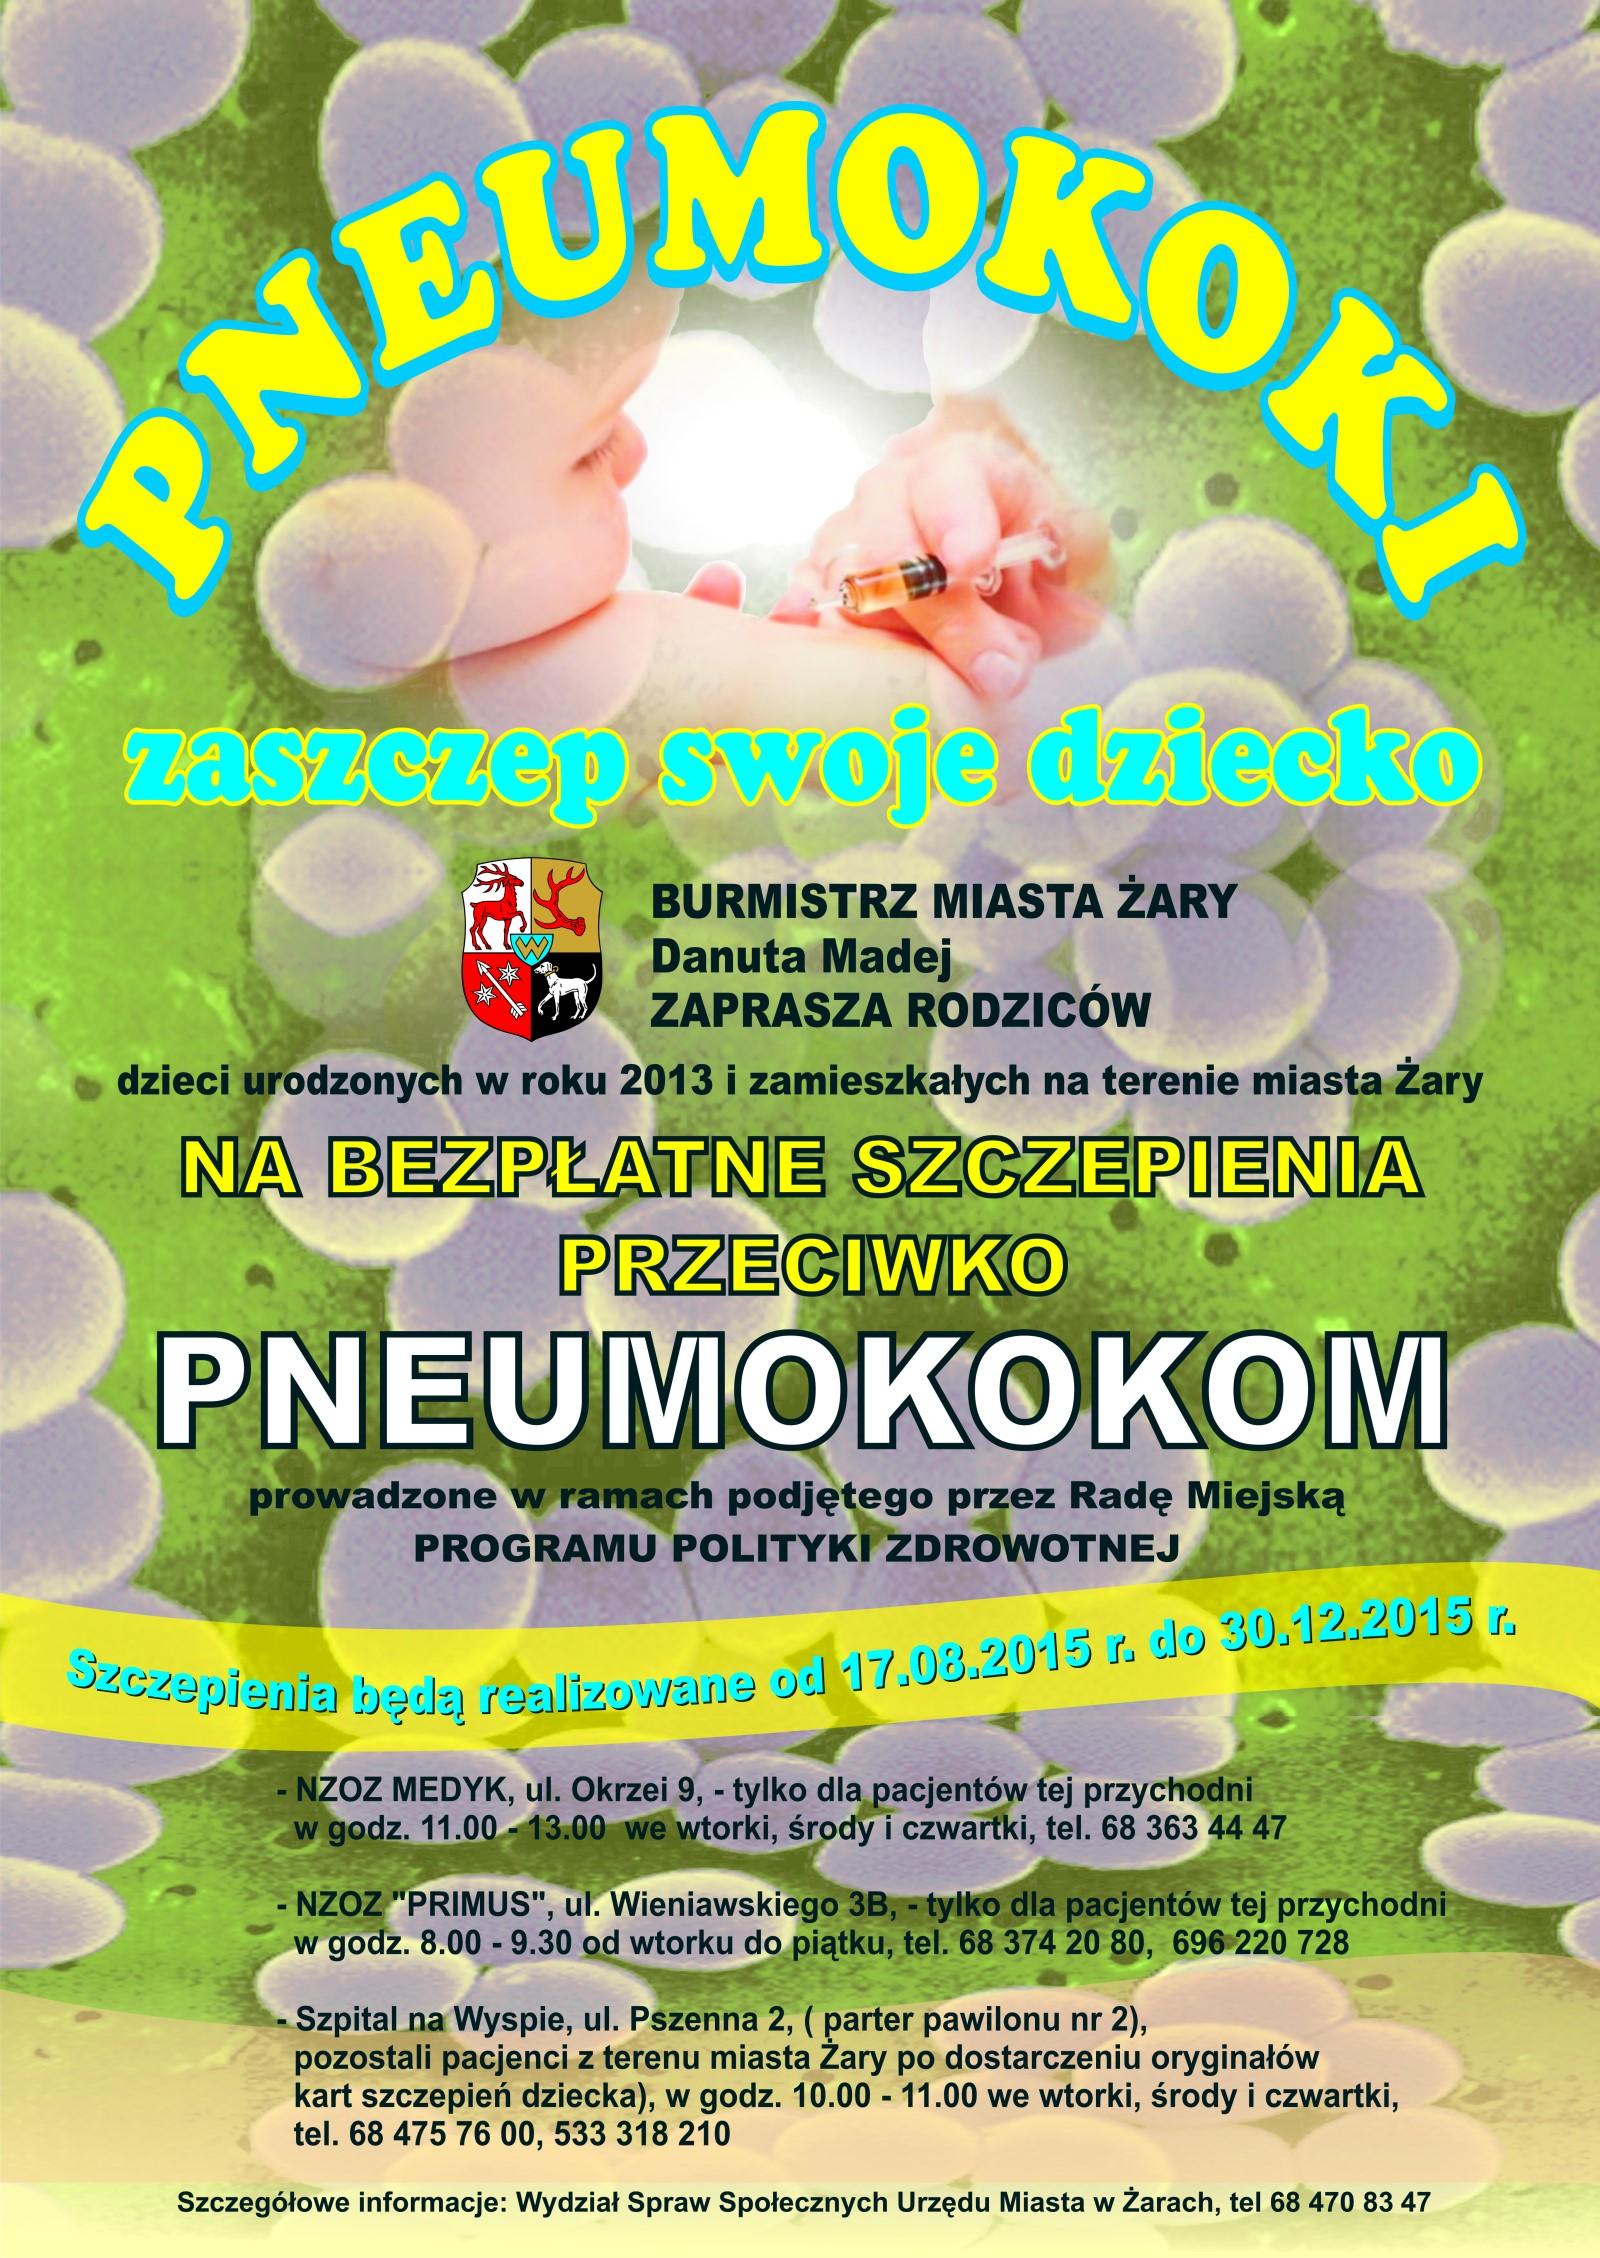 Ilustracja do informacji: Bezpłatne szczepienia przeciwko pneumokokom.